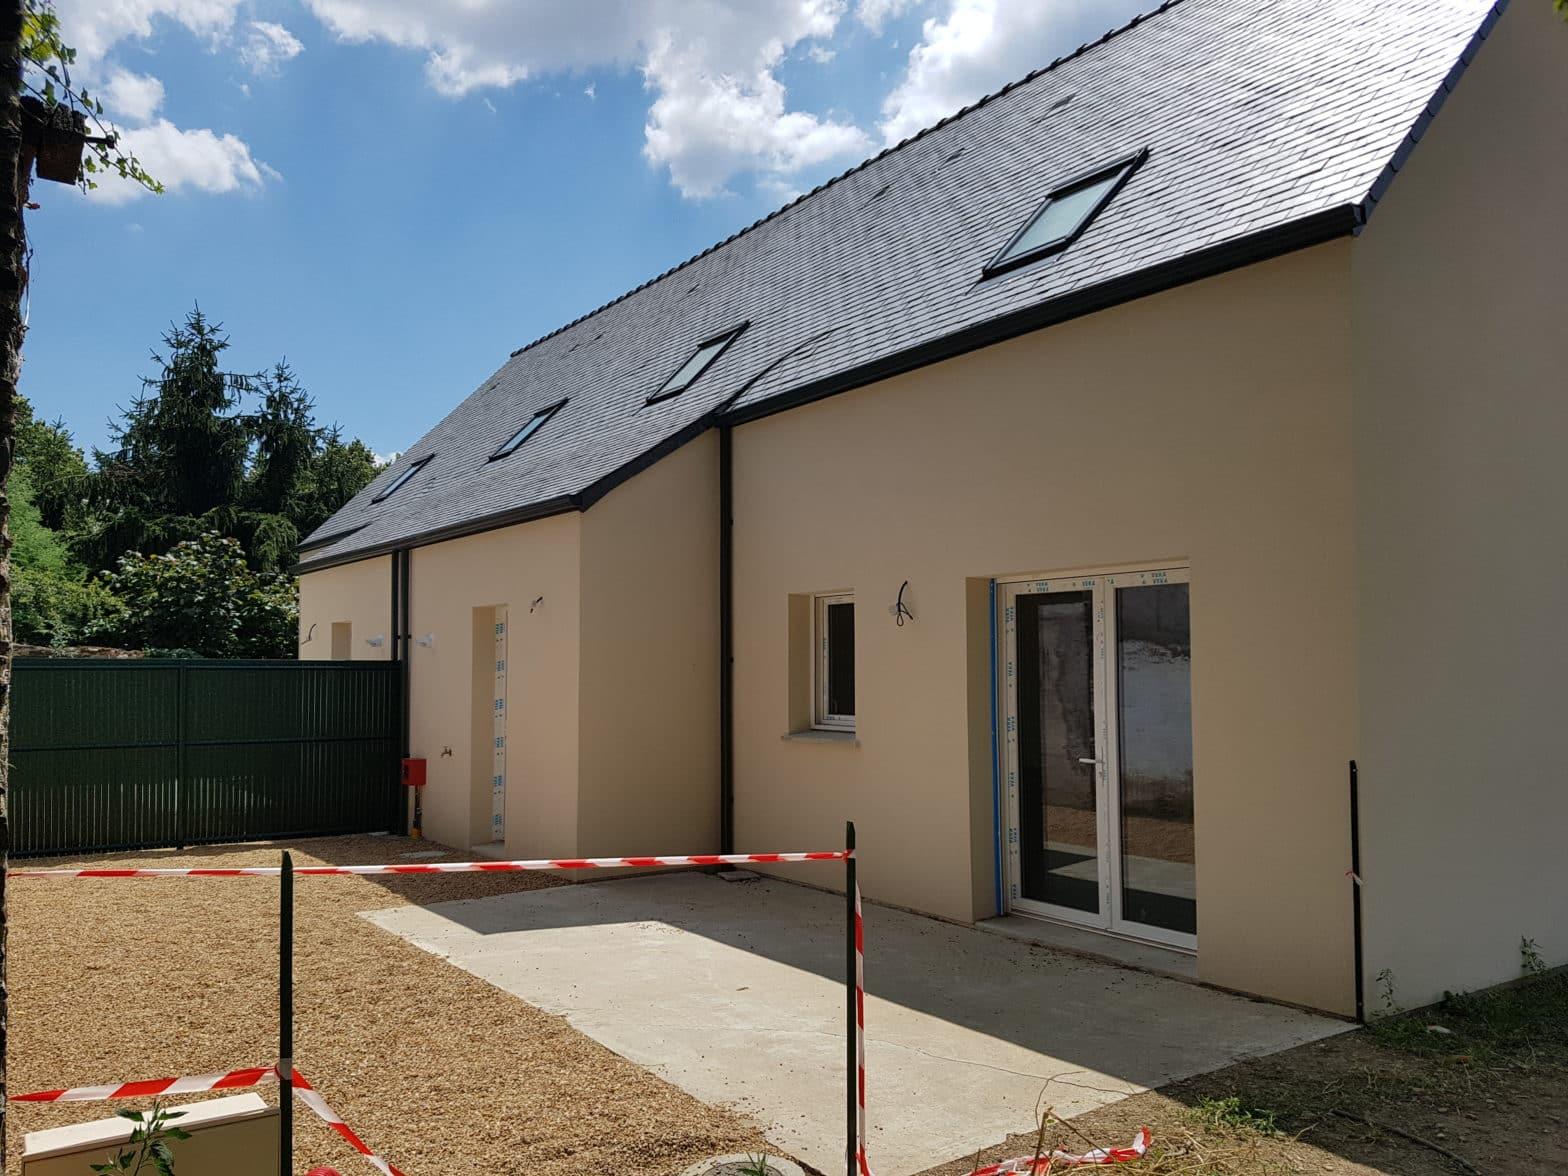 Maison étage comble toiture ardoise à Baugé